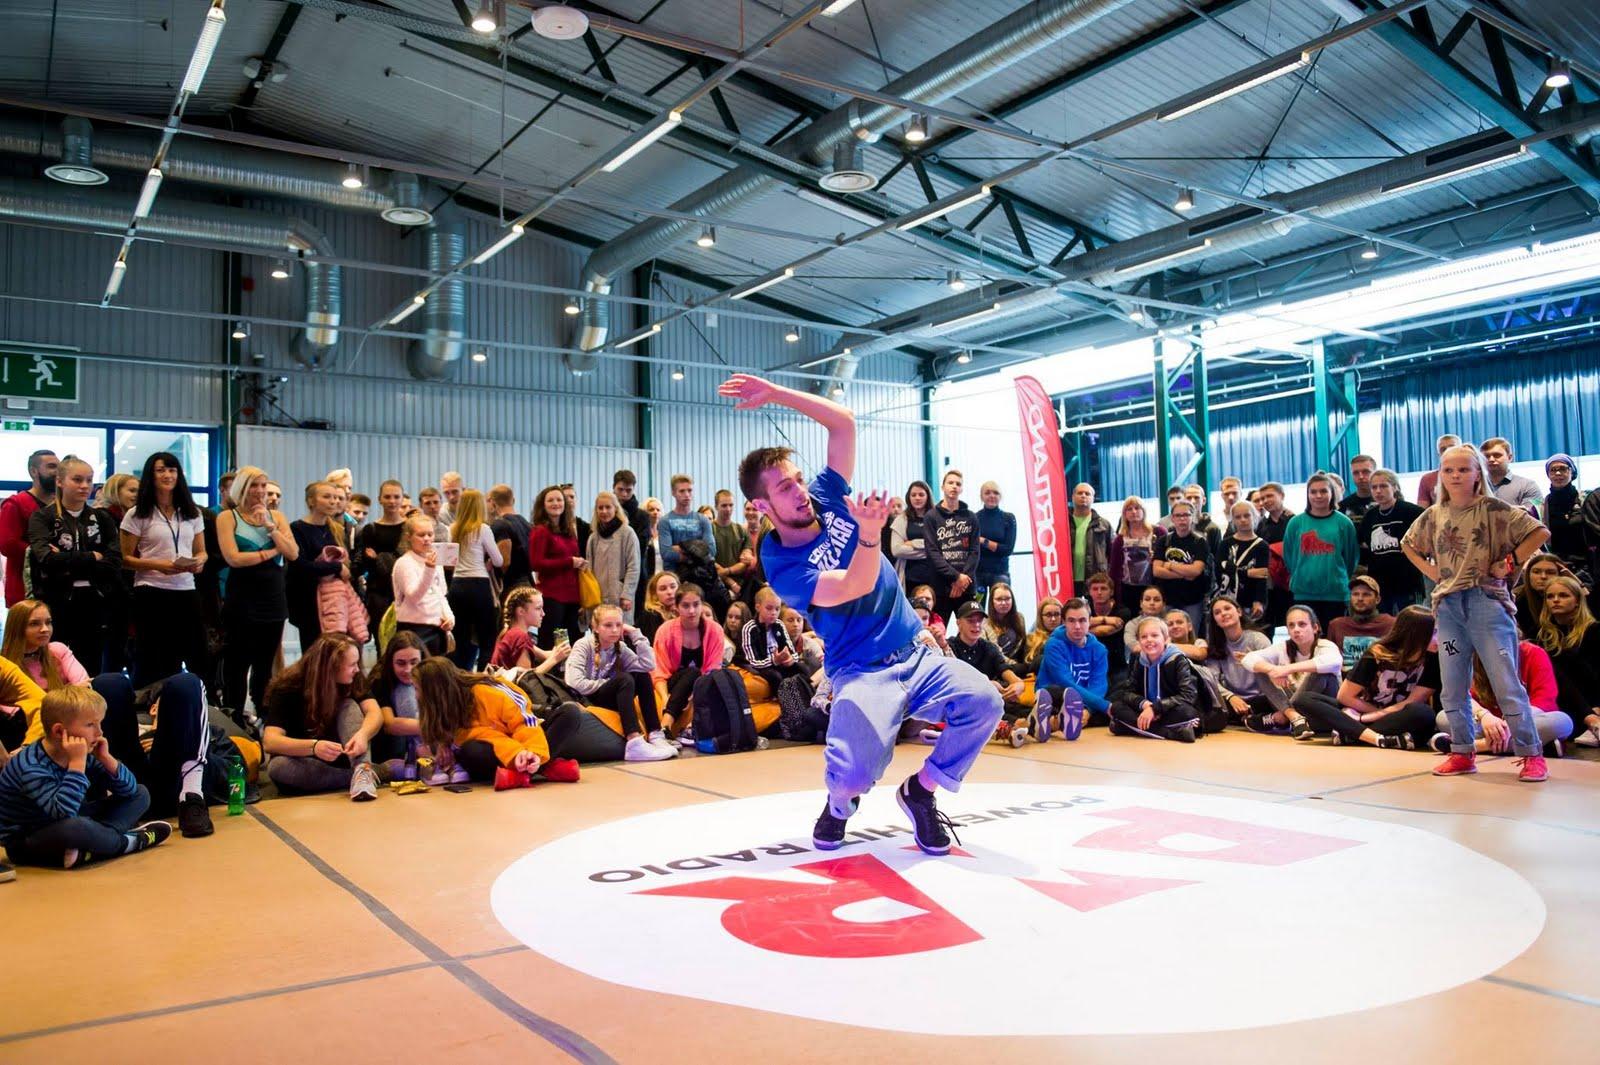 PHR Dance battles Vilniaus festivalis - 55.jpg